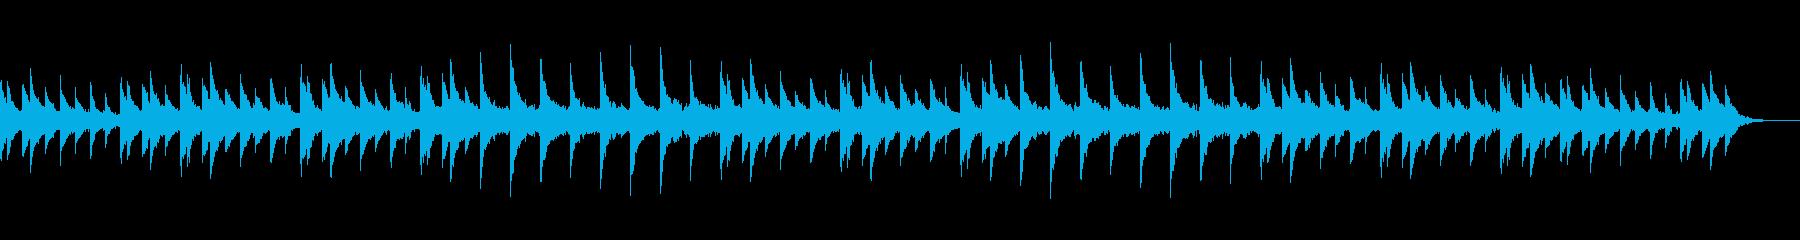 静謐な佇まいを醸すサティ風ピアノ小曲の再生済みの波形